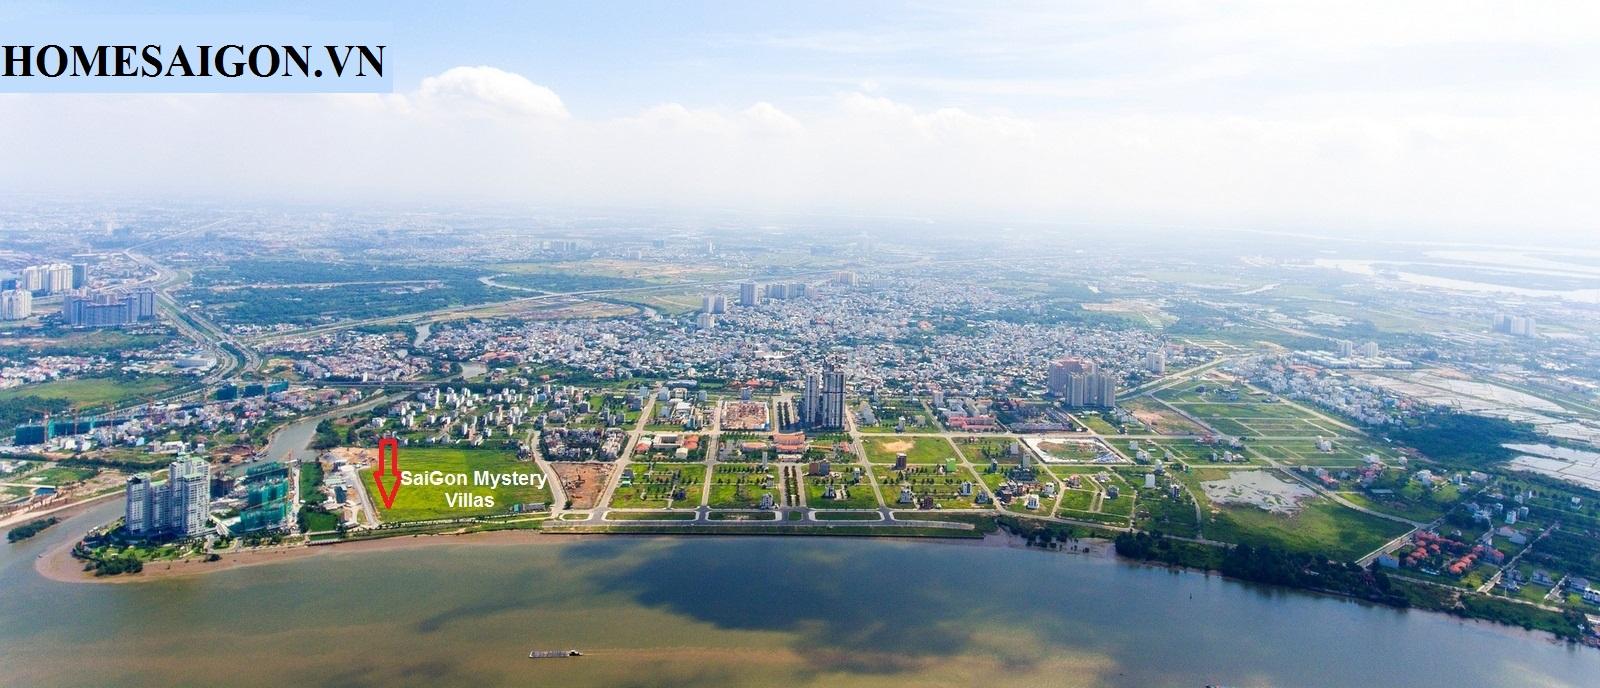 vi tri du an Saigon mystery villa quan 2